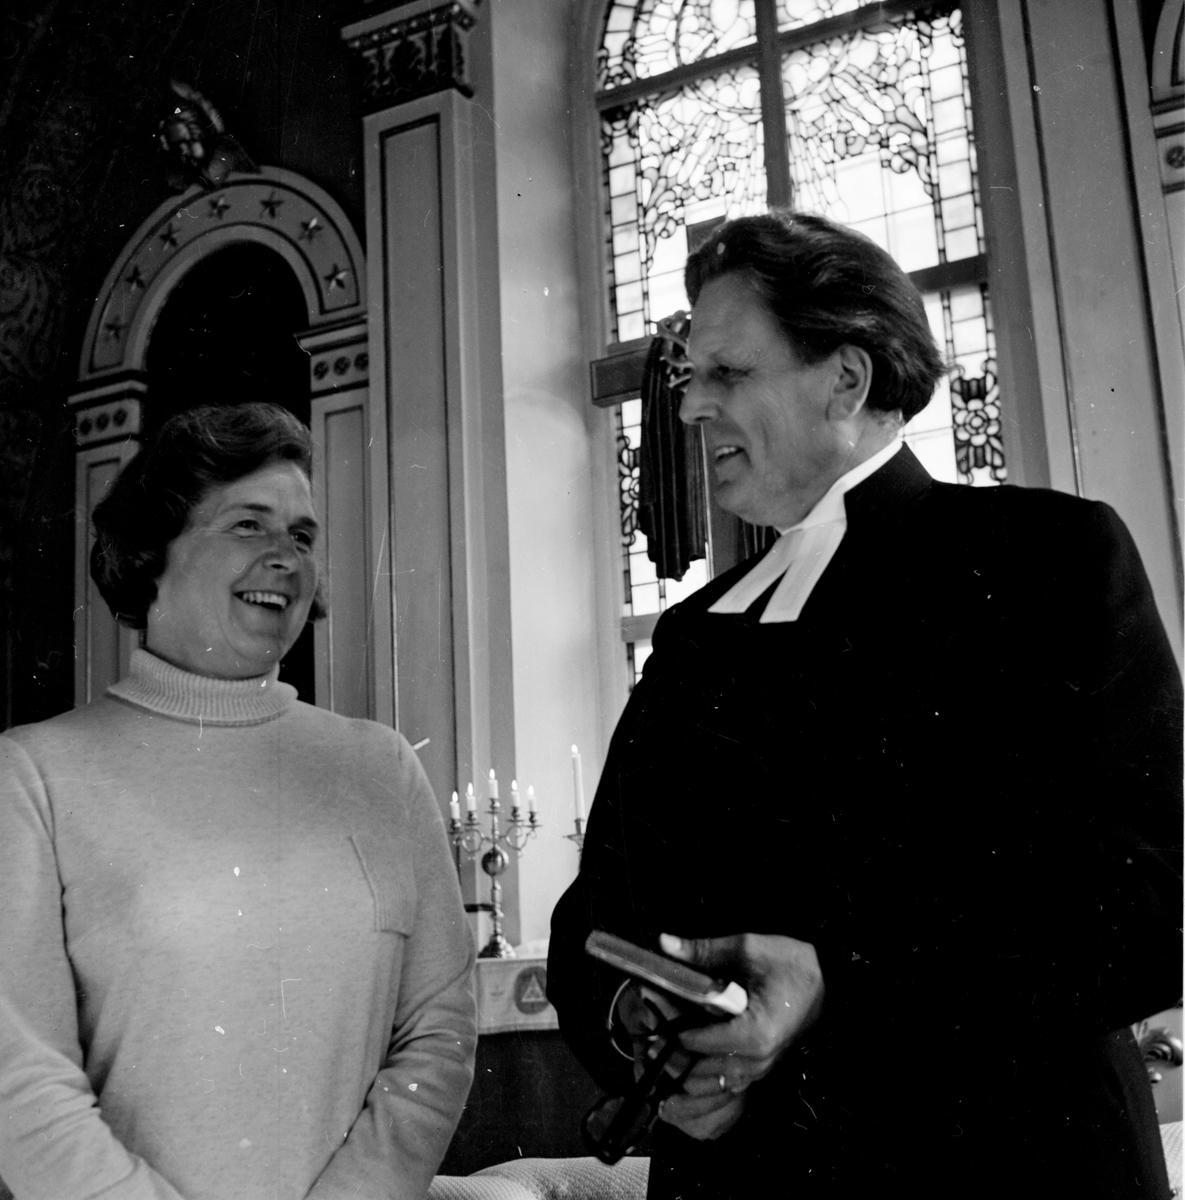 Arbrå, Fru Jonäng i kyrkan, Okt 1970